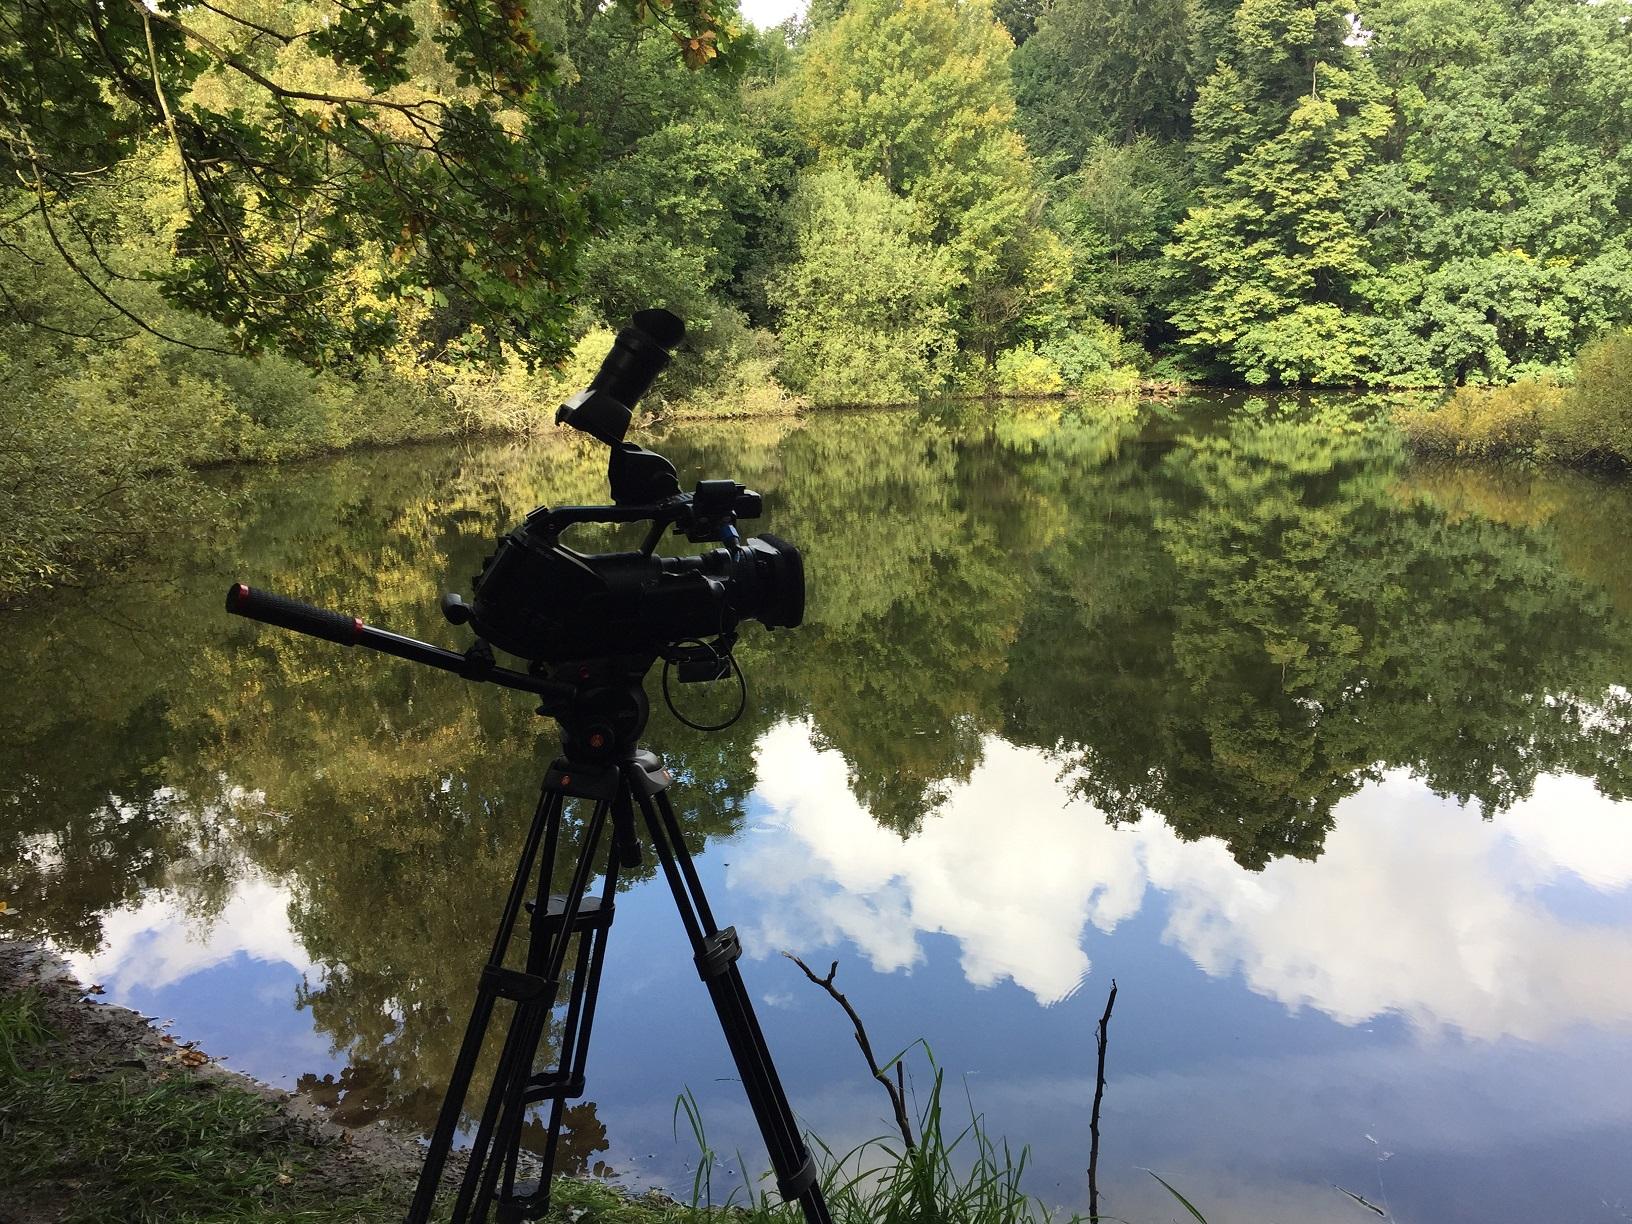 Filmkamera står uppställd vid damm.